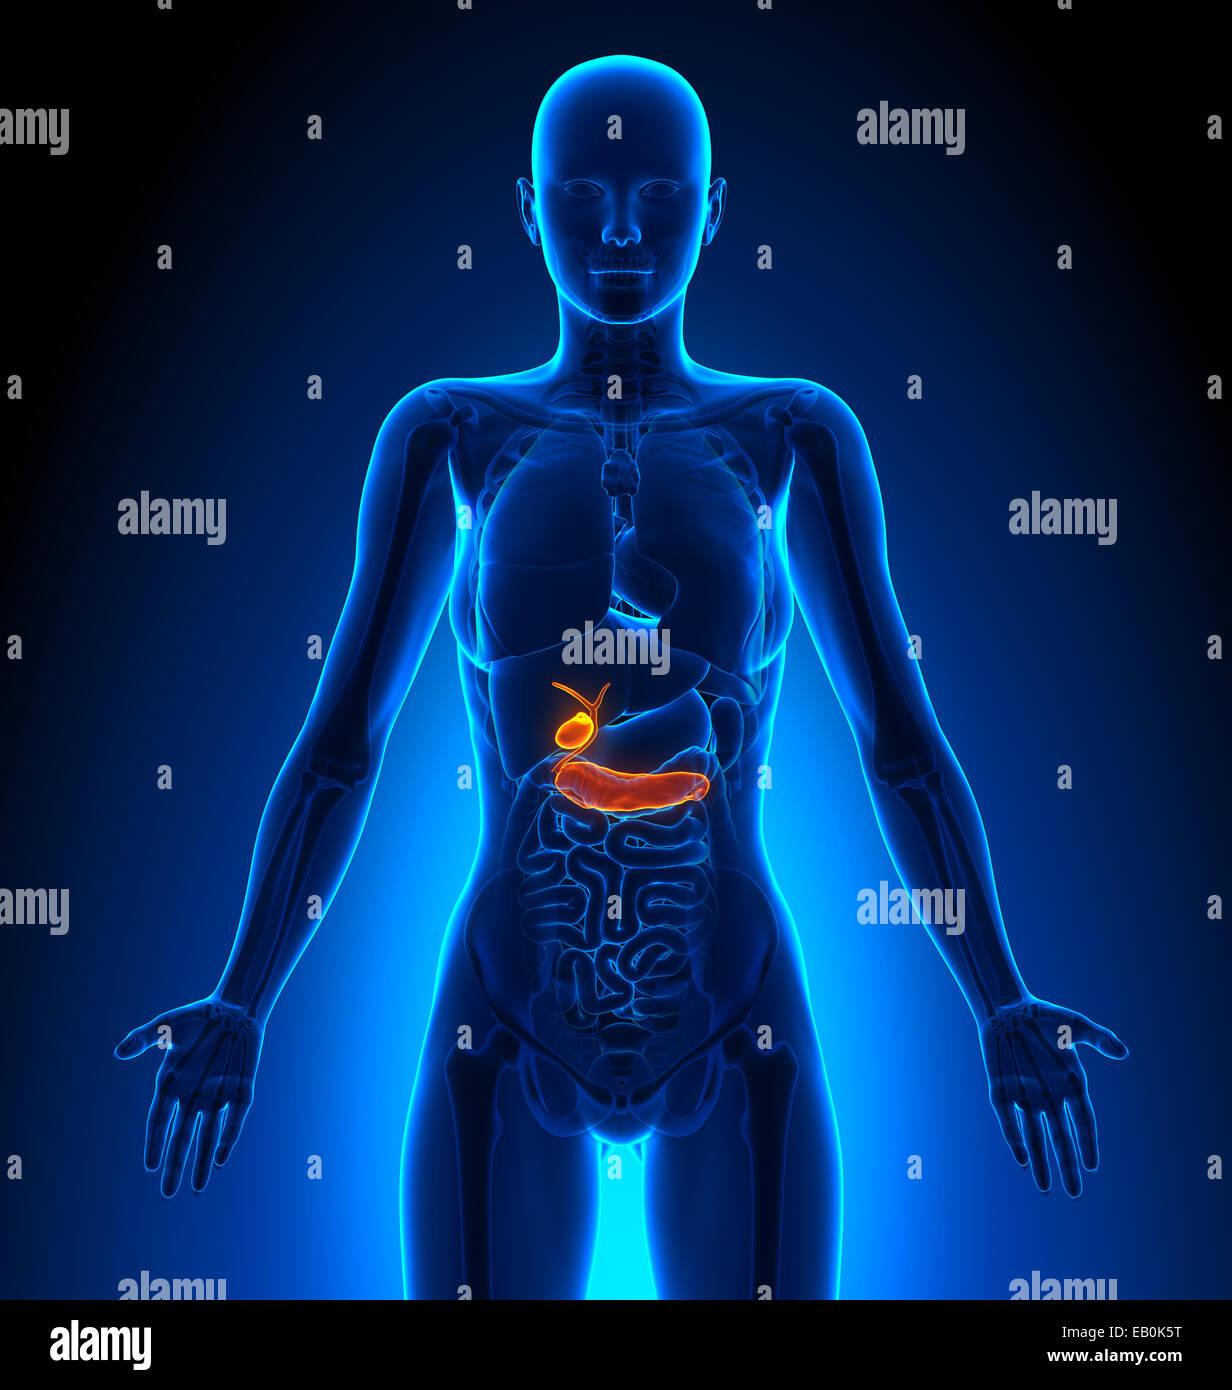 Gallbladder Pancreas Female Organs Human Anatomy Stock Photo